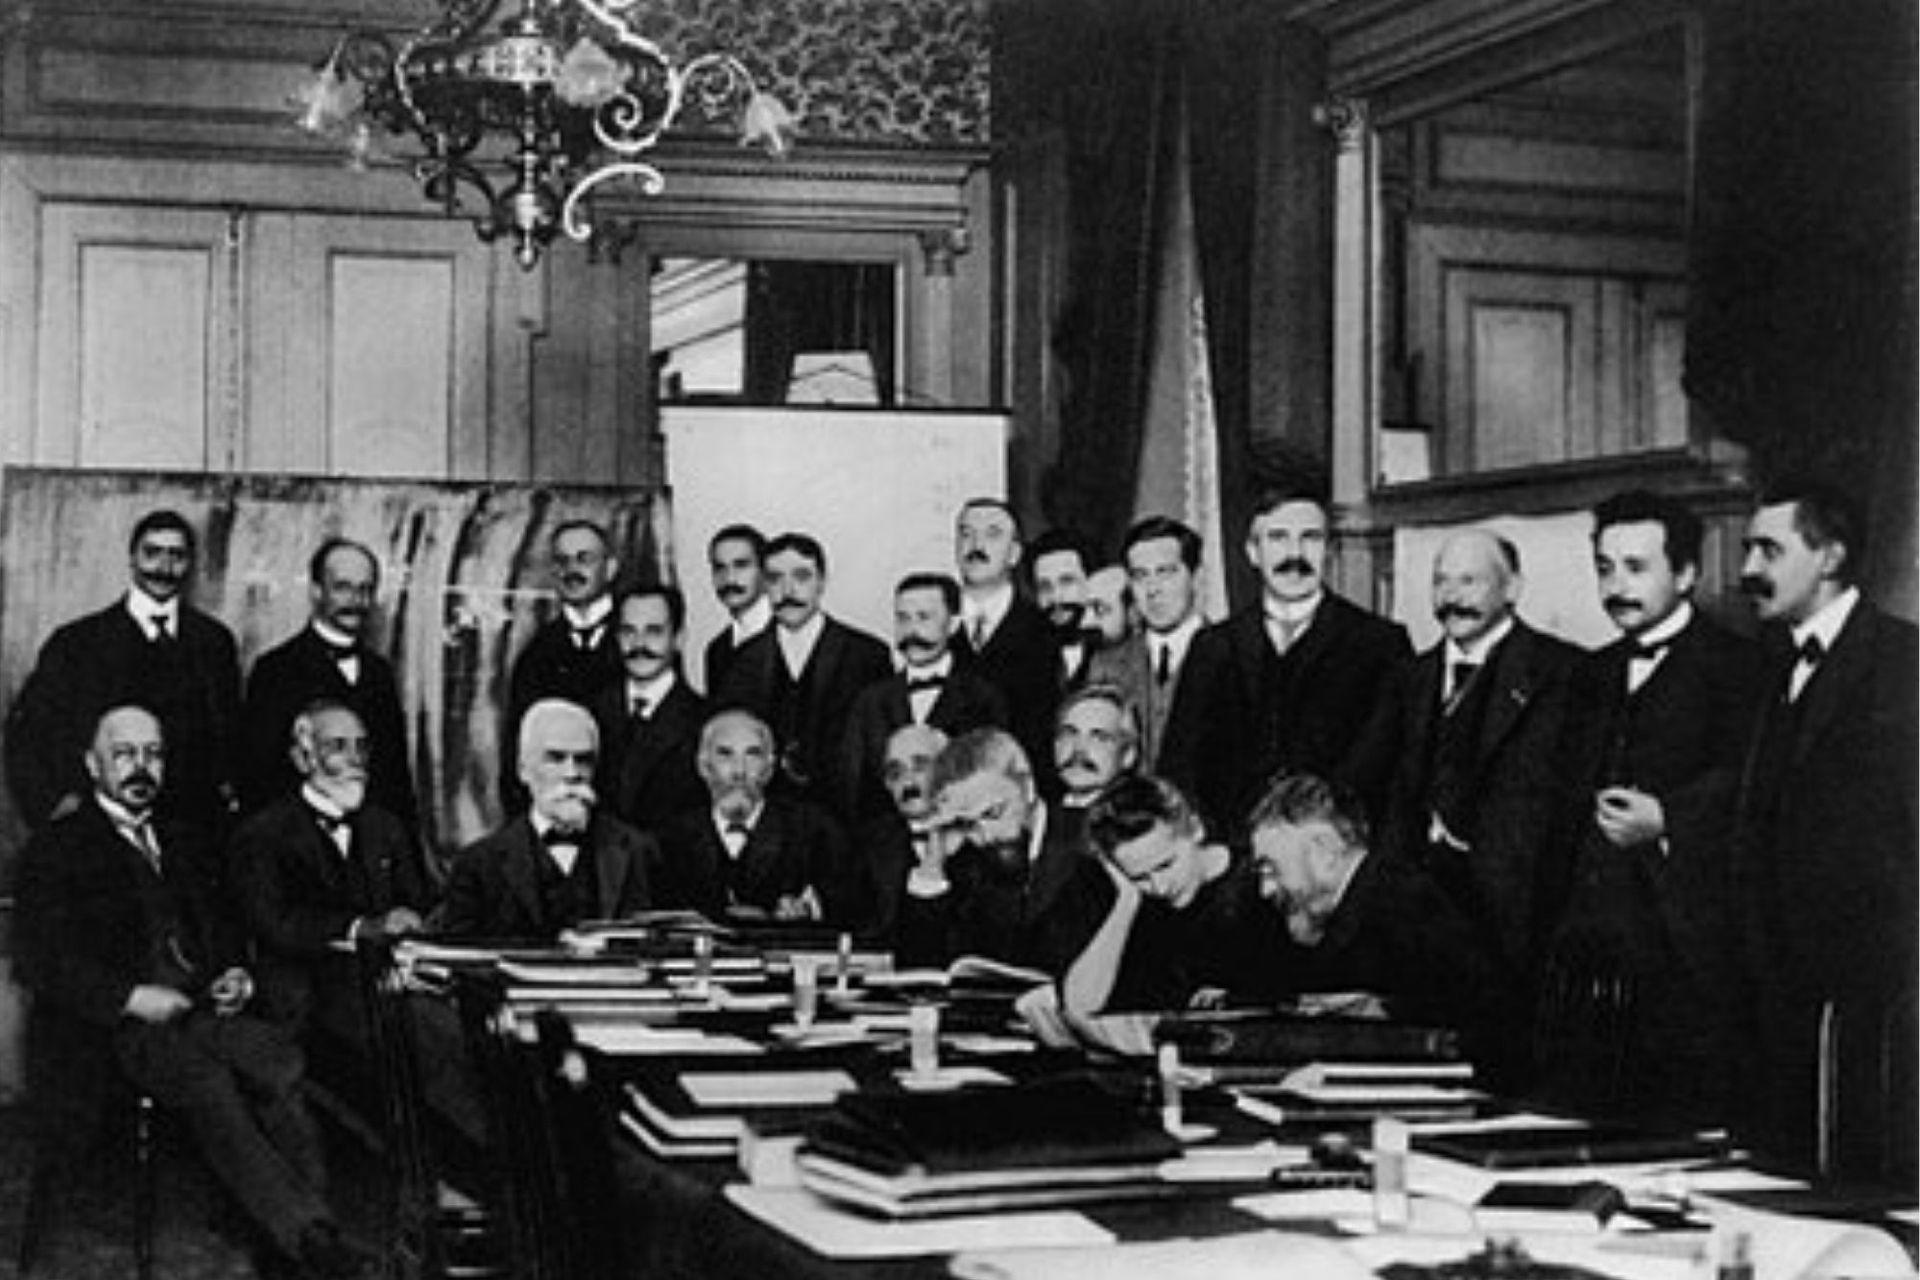 Marie fue la única mujer en el primer congreso Solvay, celebrado en 1911. También estuvieron su amigo Einstein y su amante Langevin.